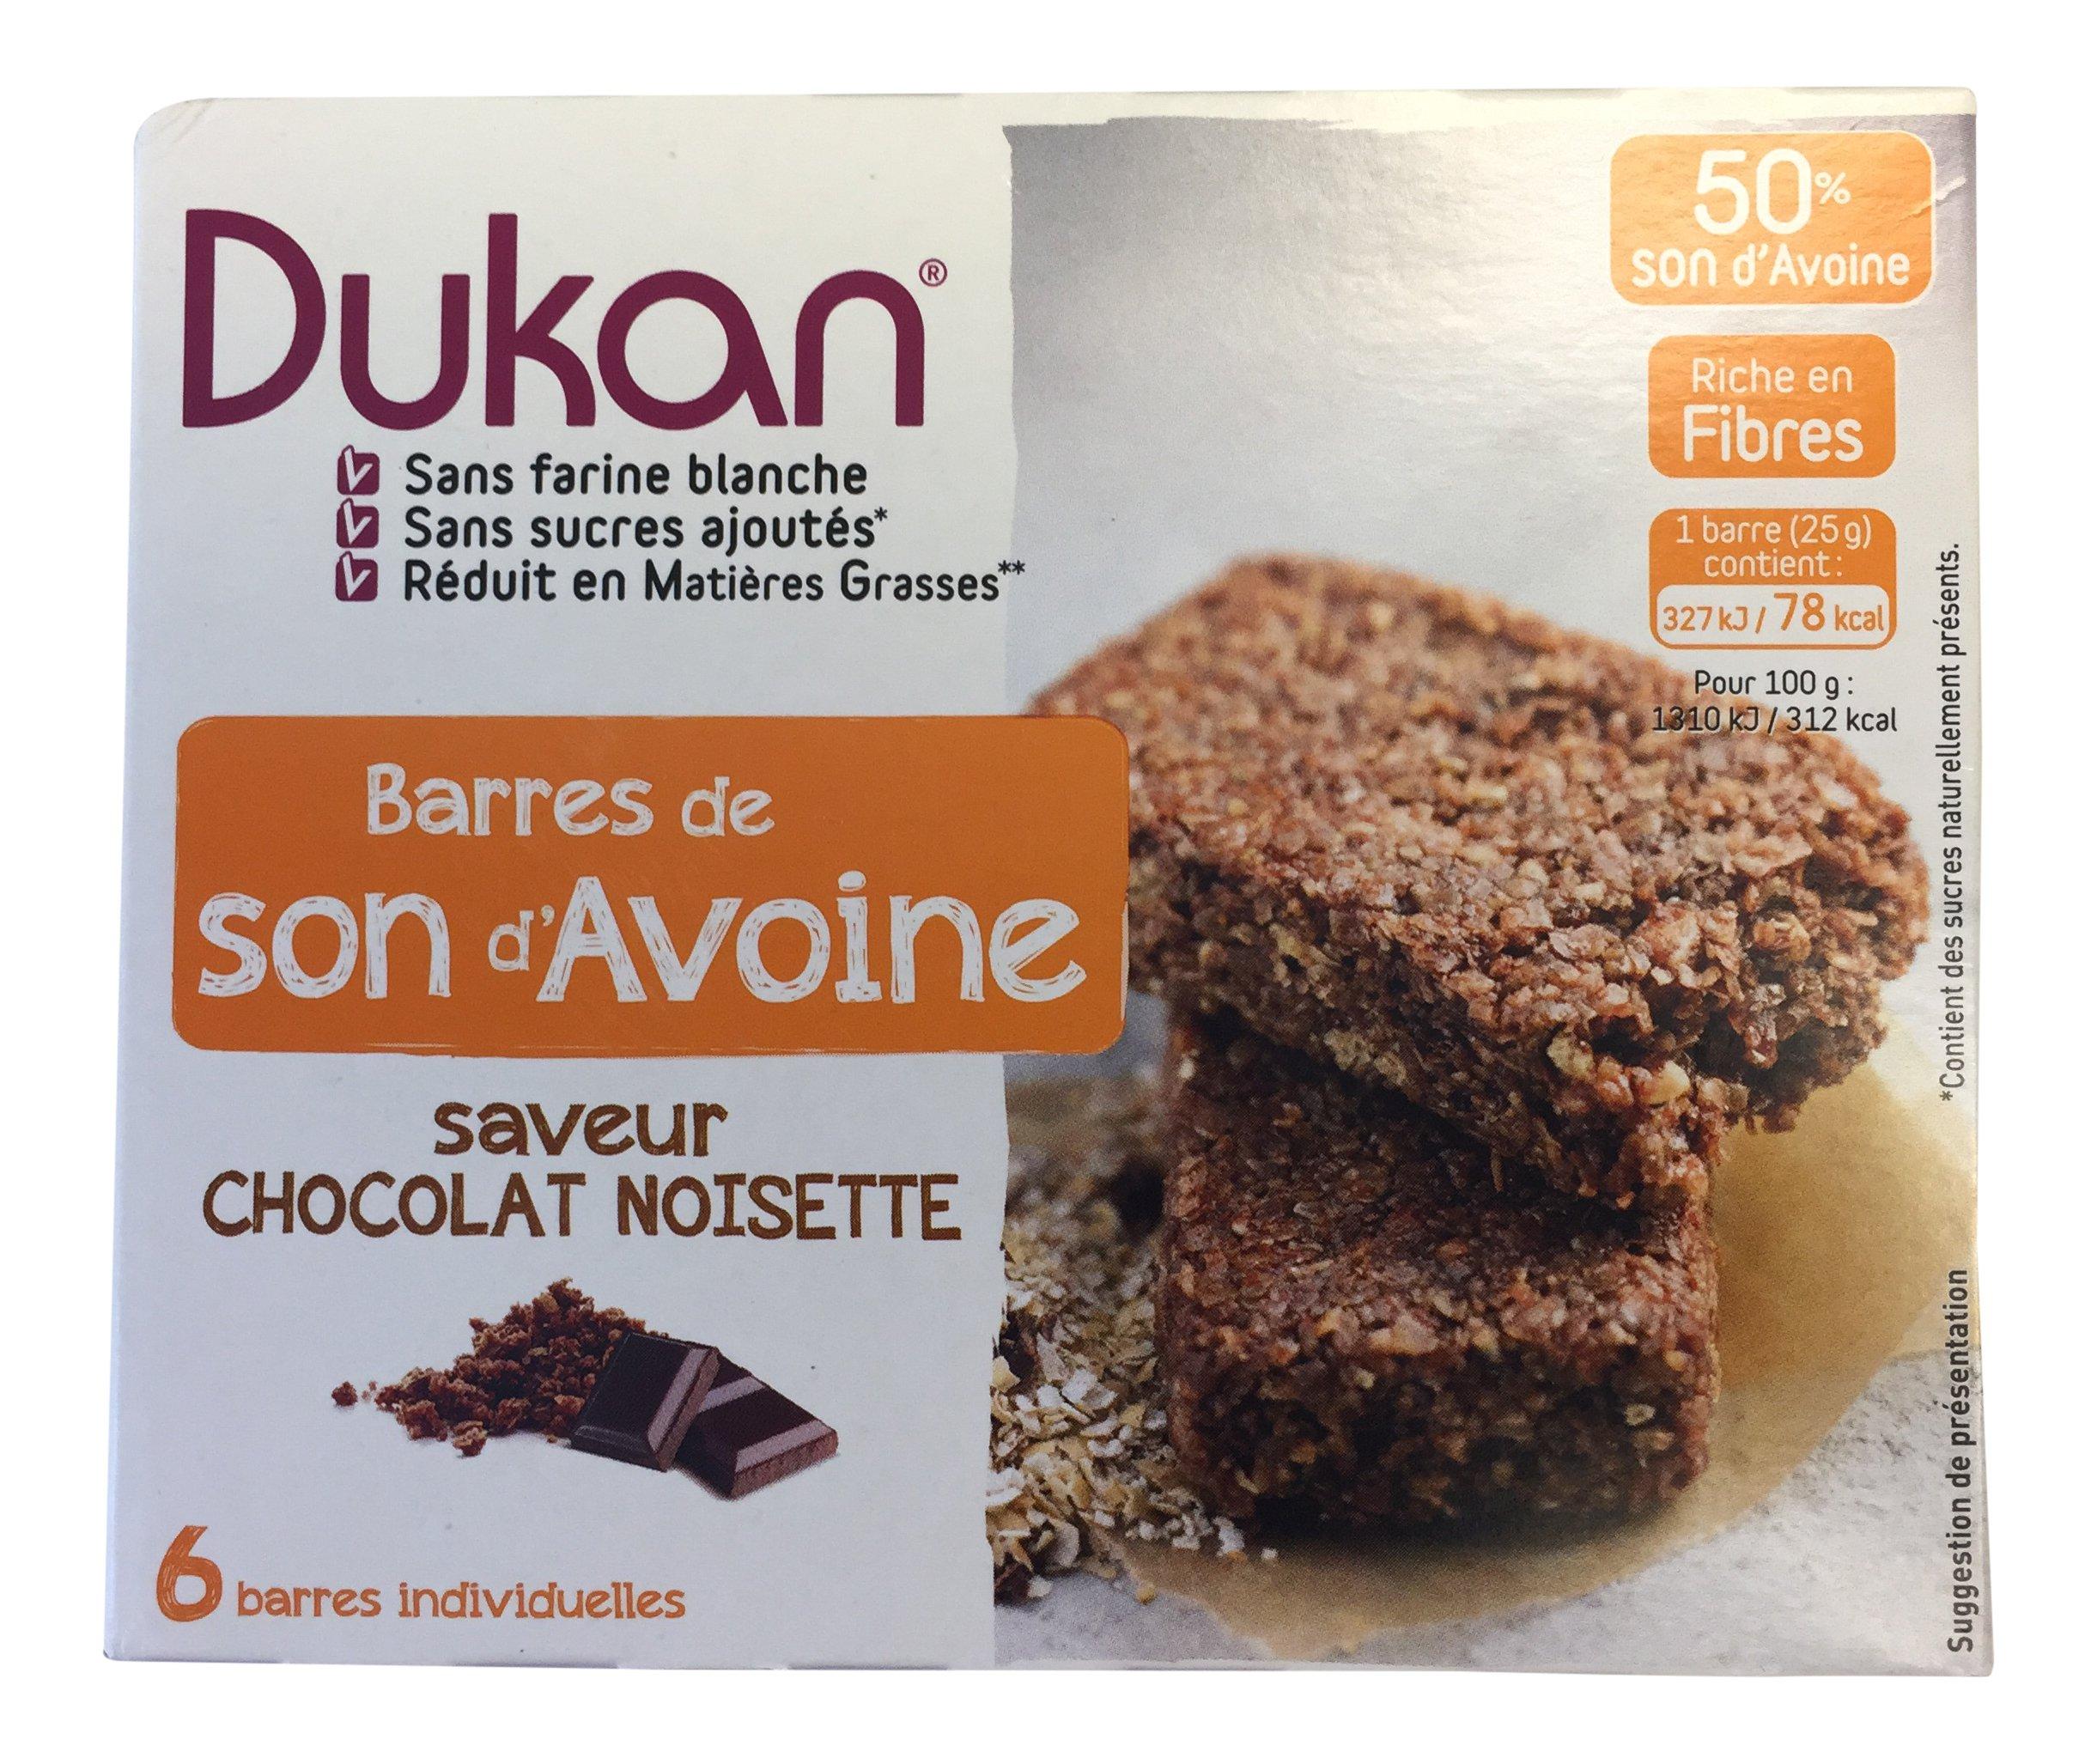 Dukan Diet Oat Bran Chocolate Hazelnut Bars, 4.4 Ounce